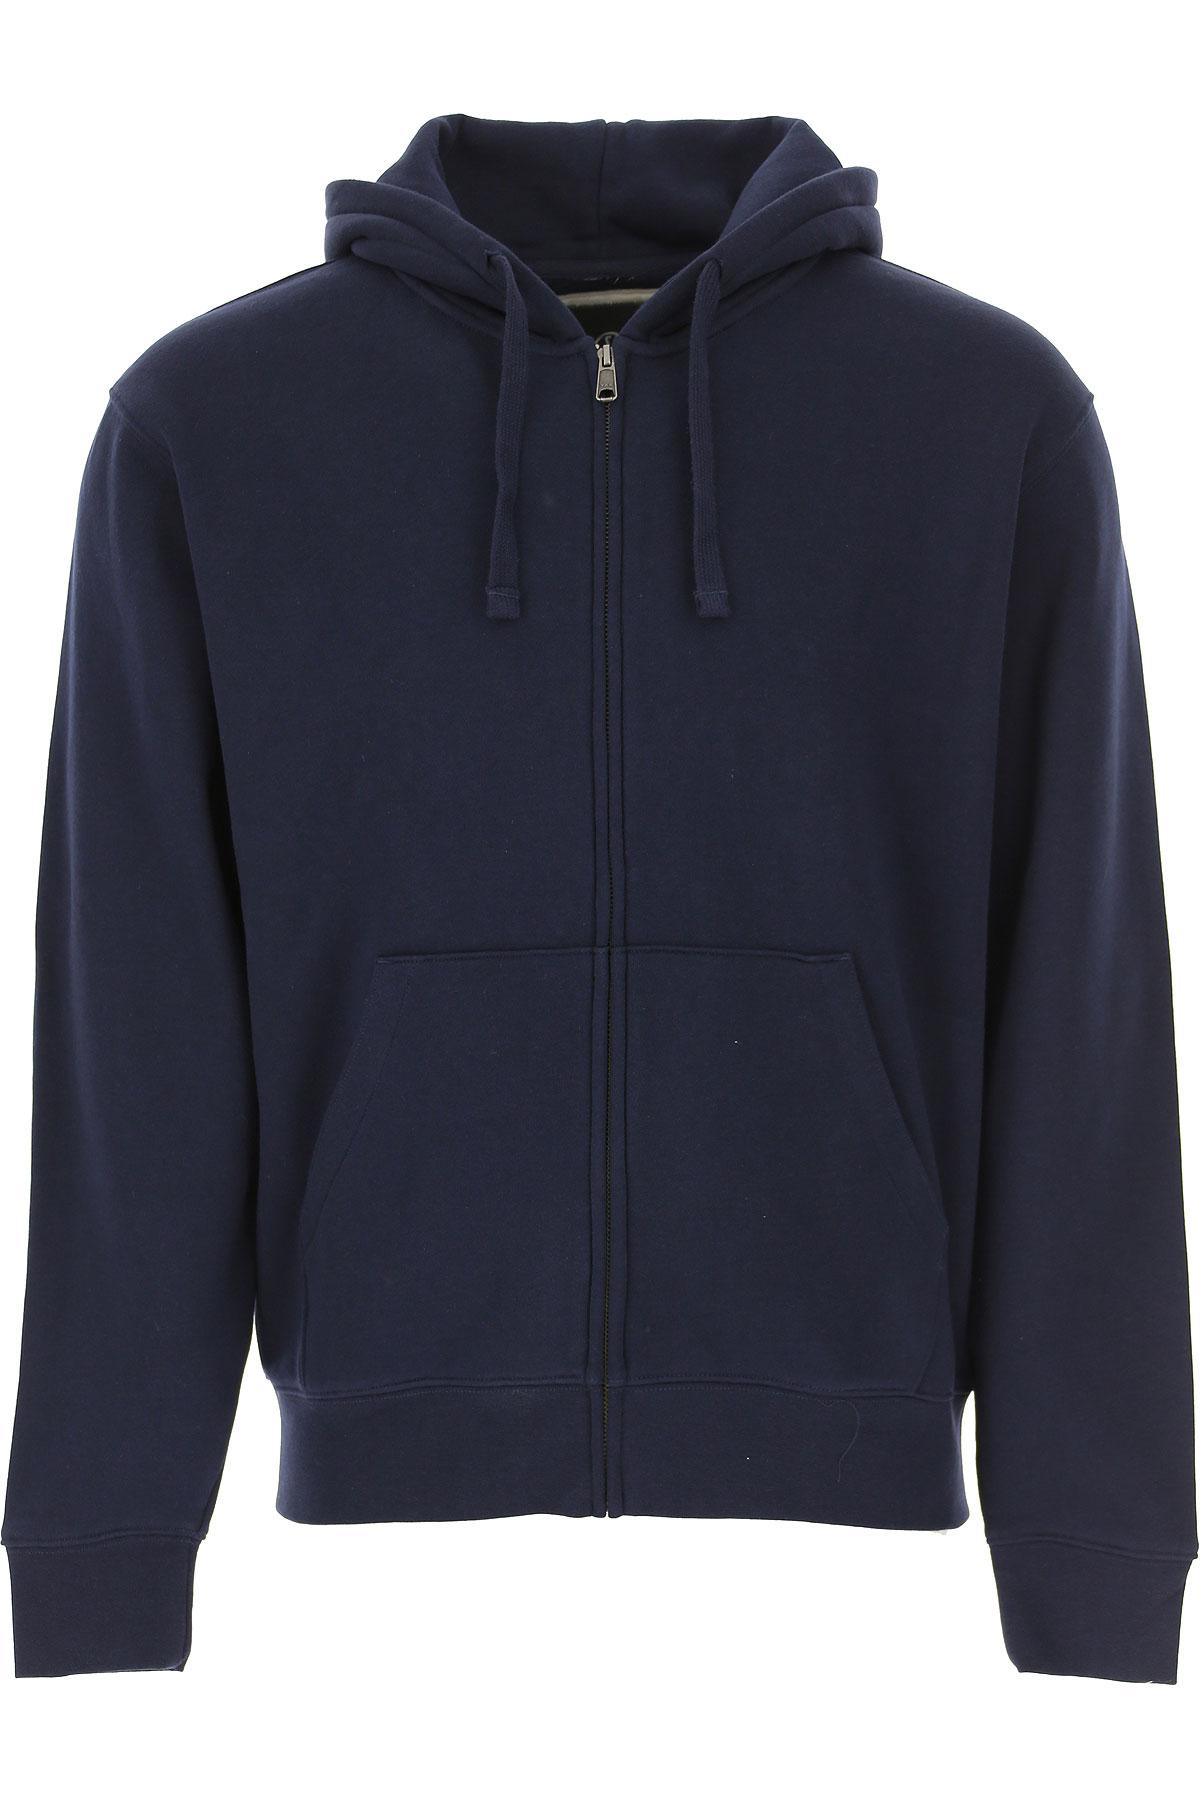 Spalding Sweatshirt for Men, Dark Navy Blue, Cotton, 2019, L M XL XXL